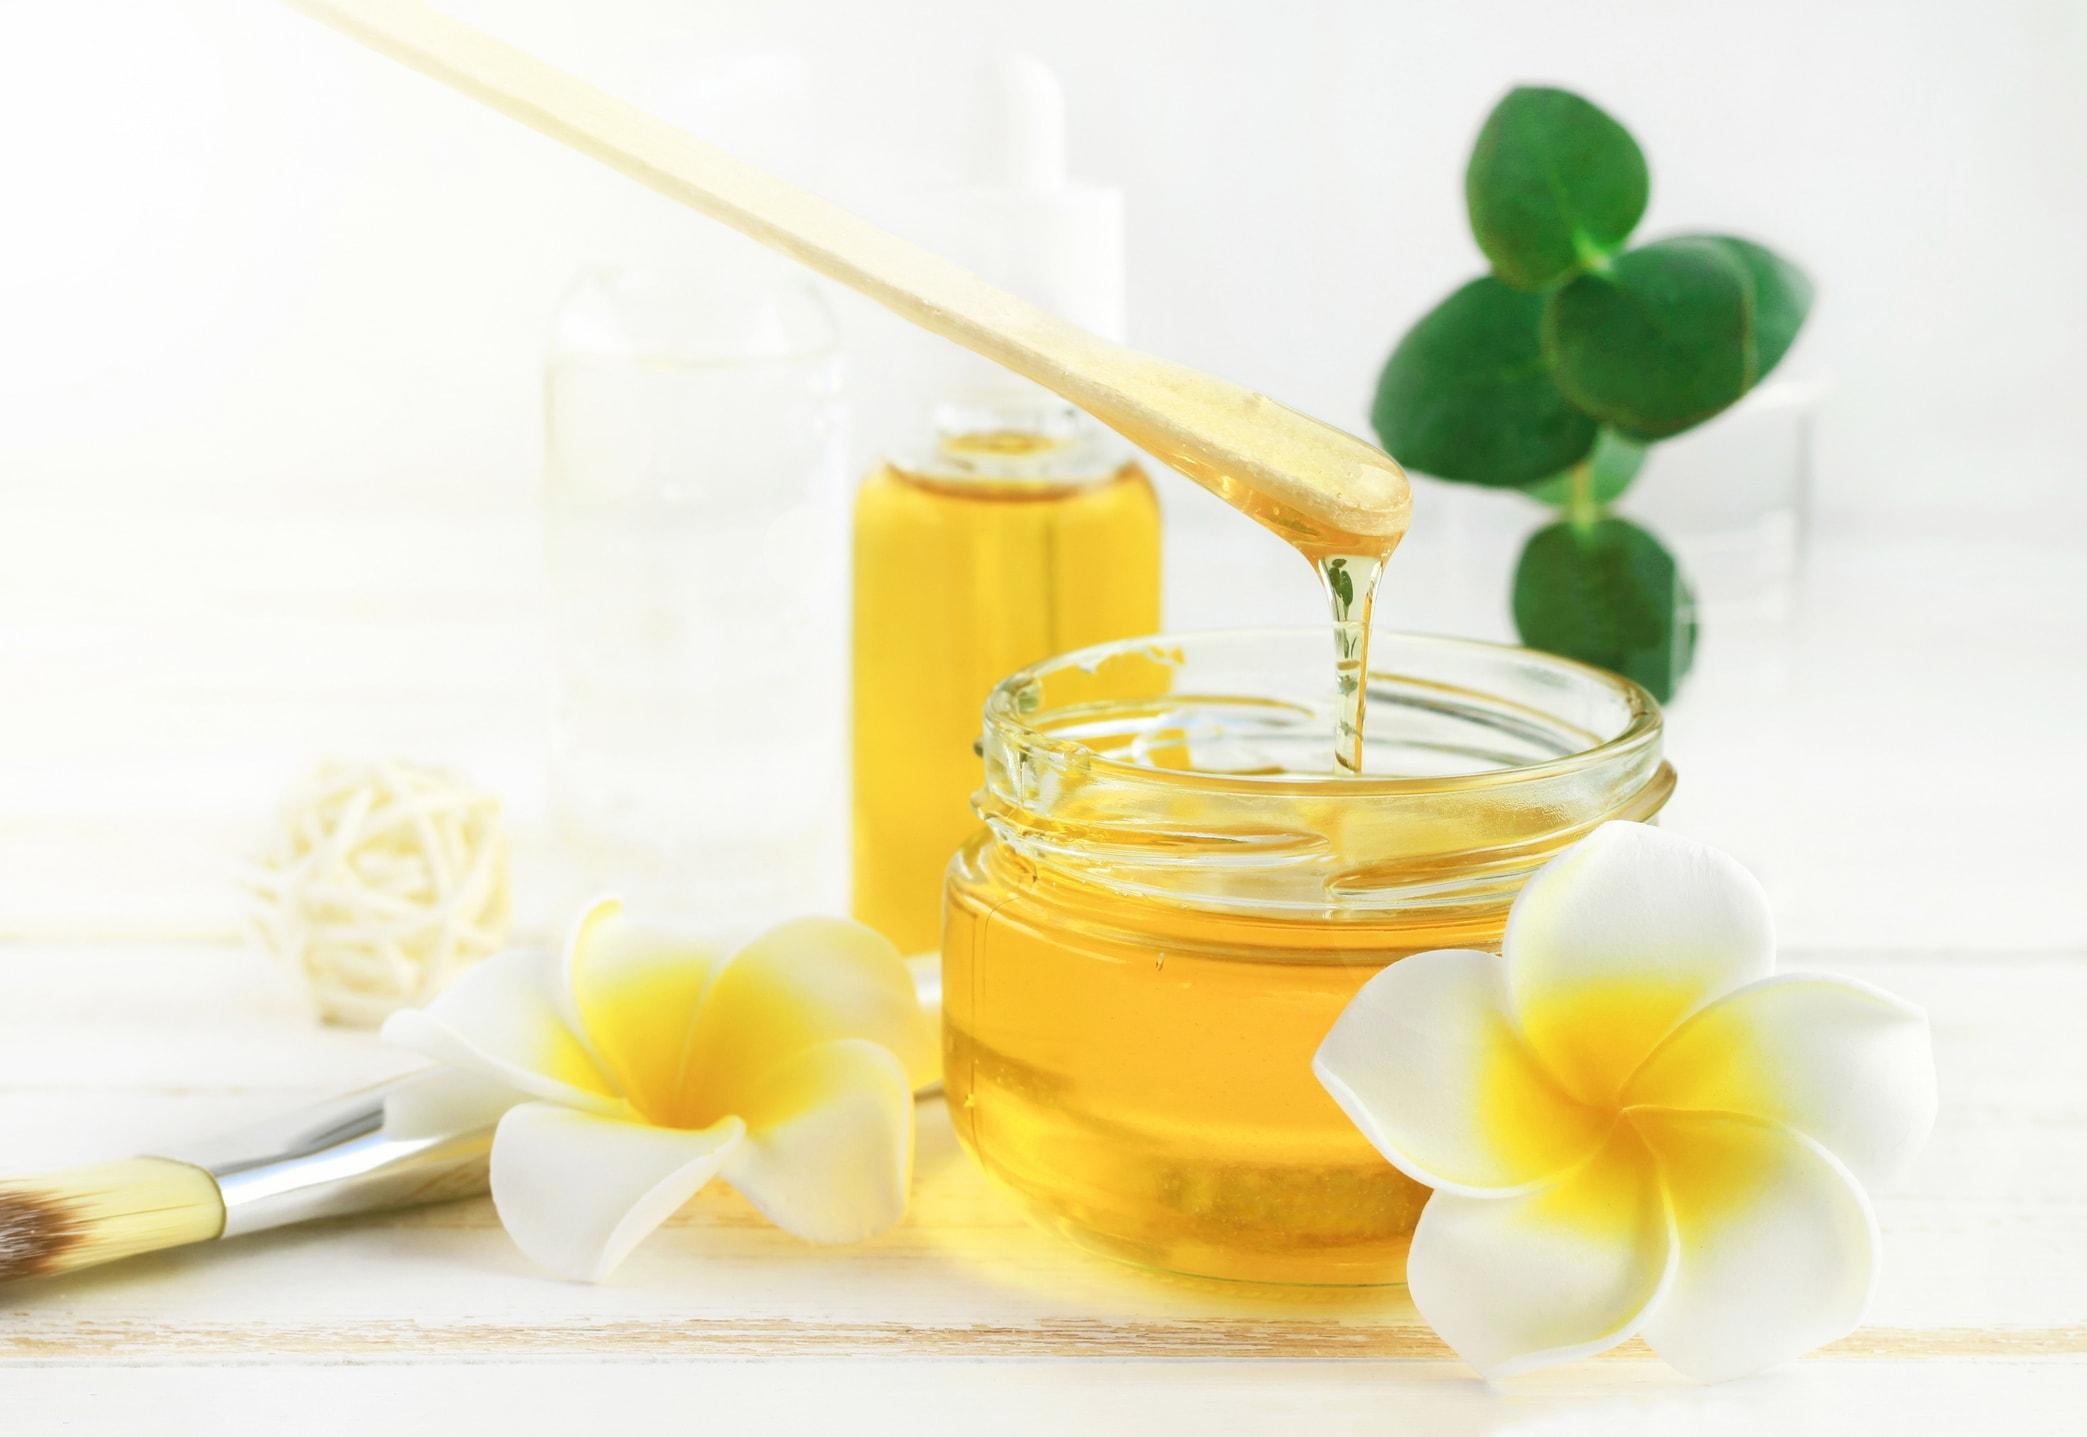 Eine Honig-Ei-Maske hilft gegen kaputte Haare